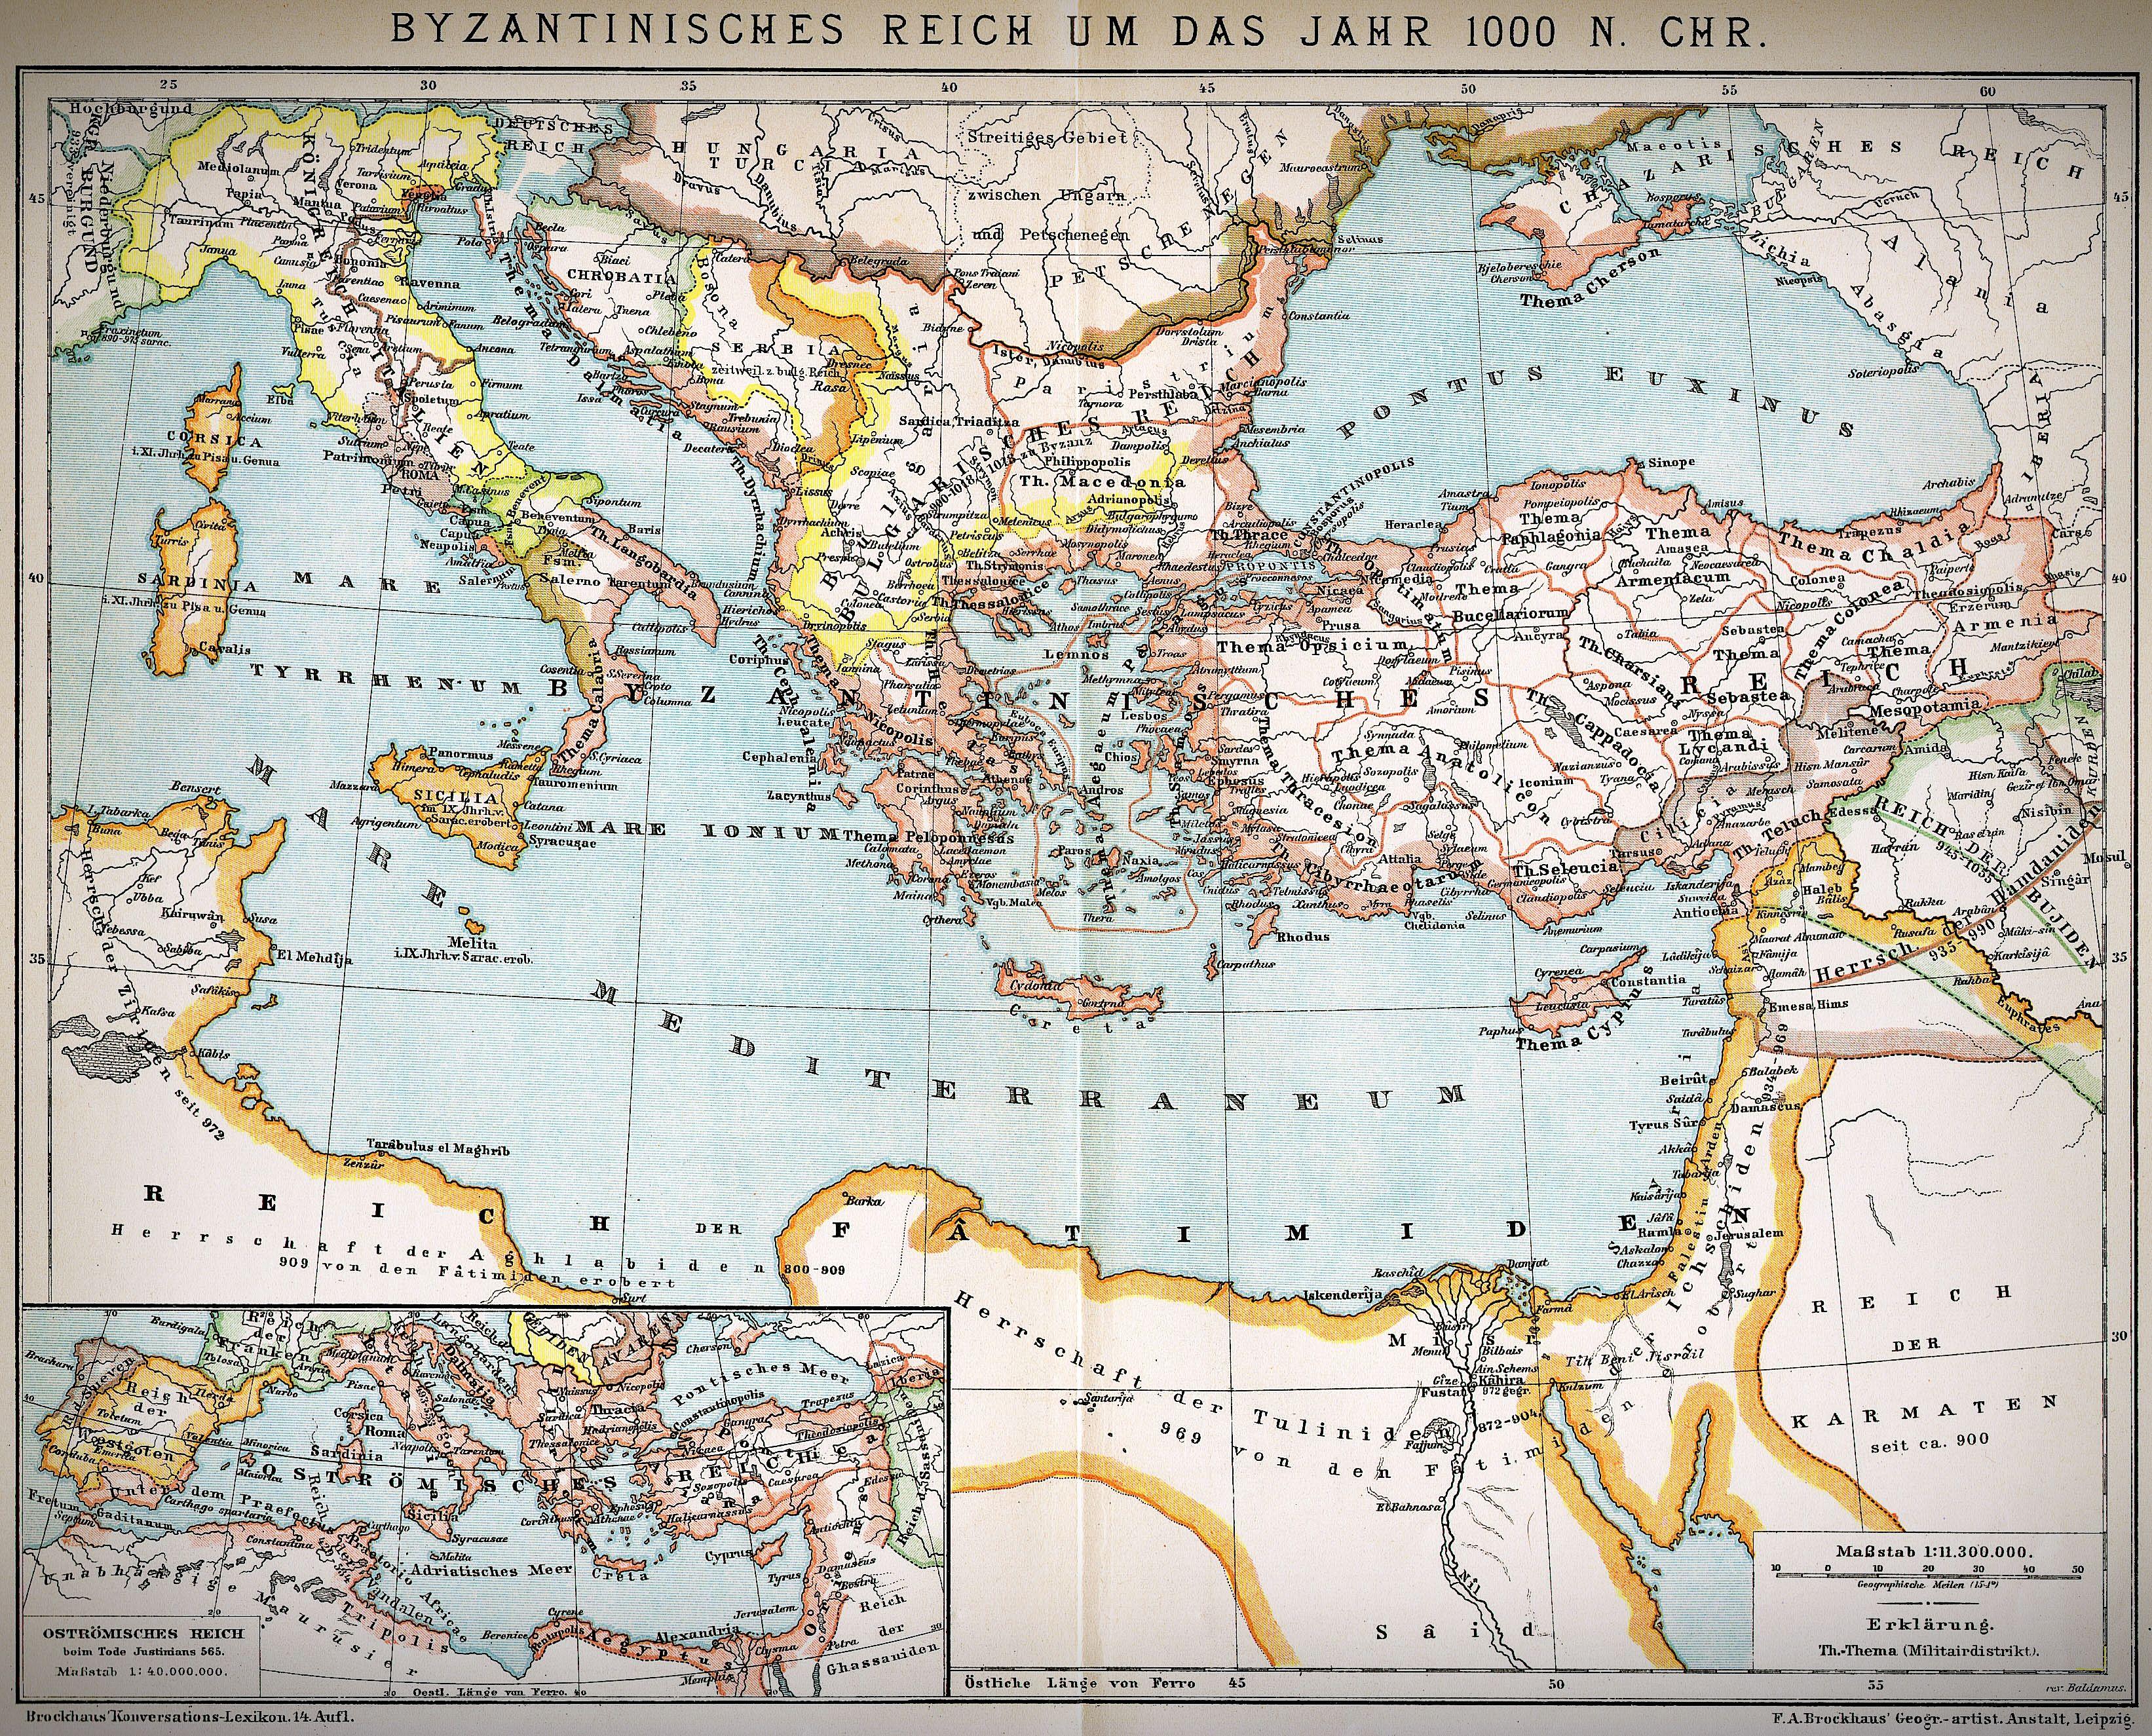 Das Byzantinische Reich Verkurzt Auch Nur Byzanz Oder Aufgrund